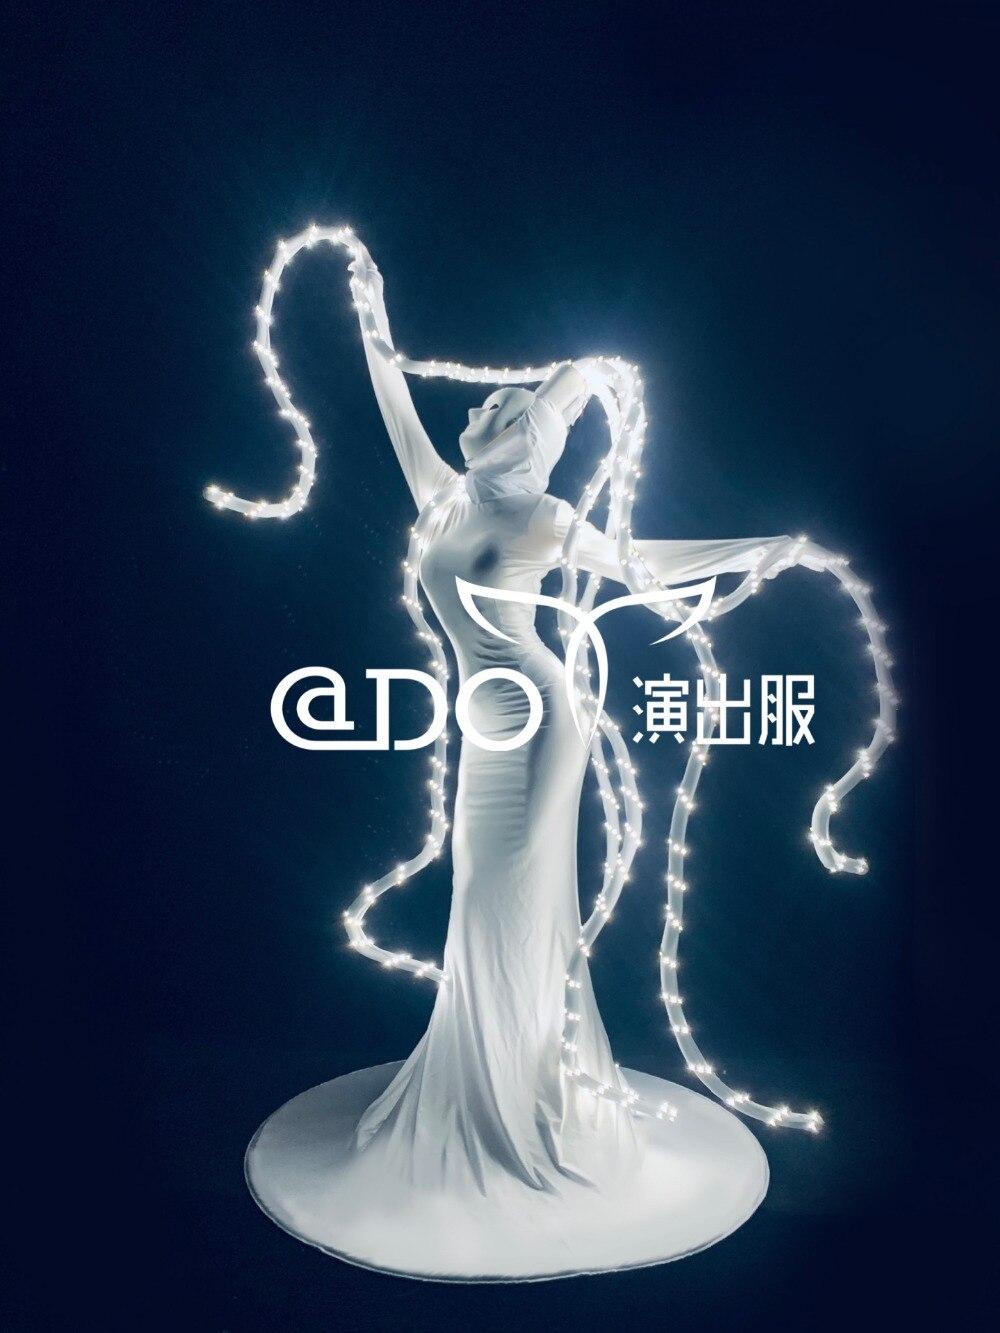 تنورة ضوء LED ، فستان حفلة هالوين ، تأثيري ، بار ، ملهى ليلي ، عرض GOGO ، الأخطبوط الأبيض